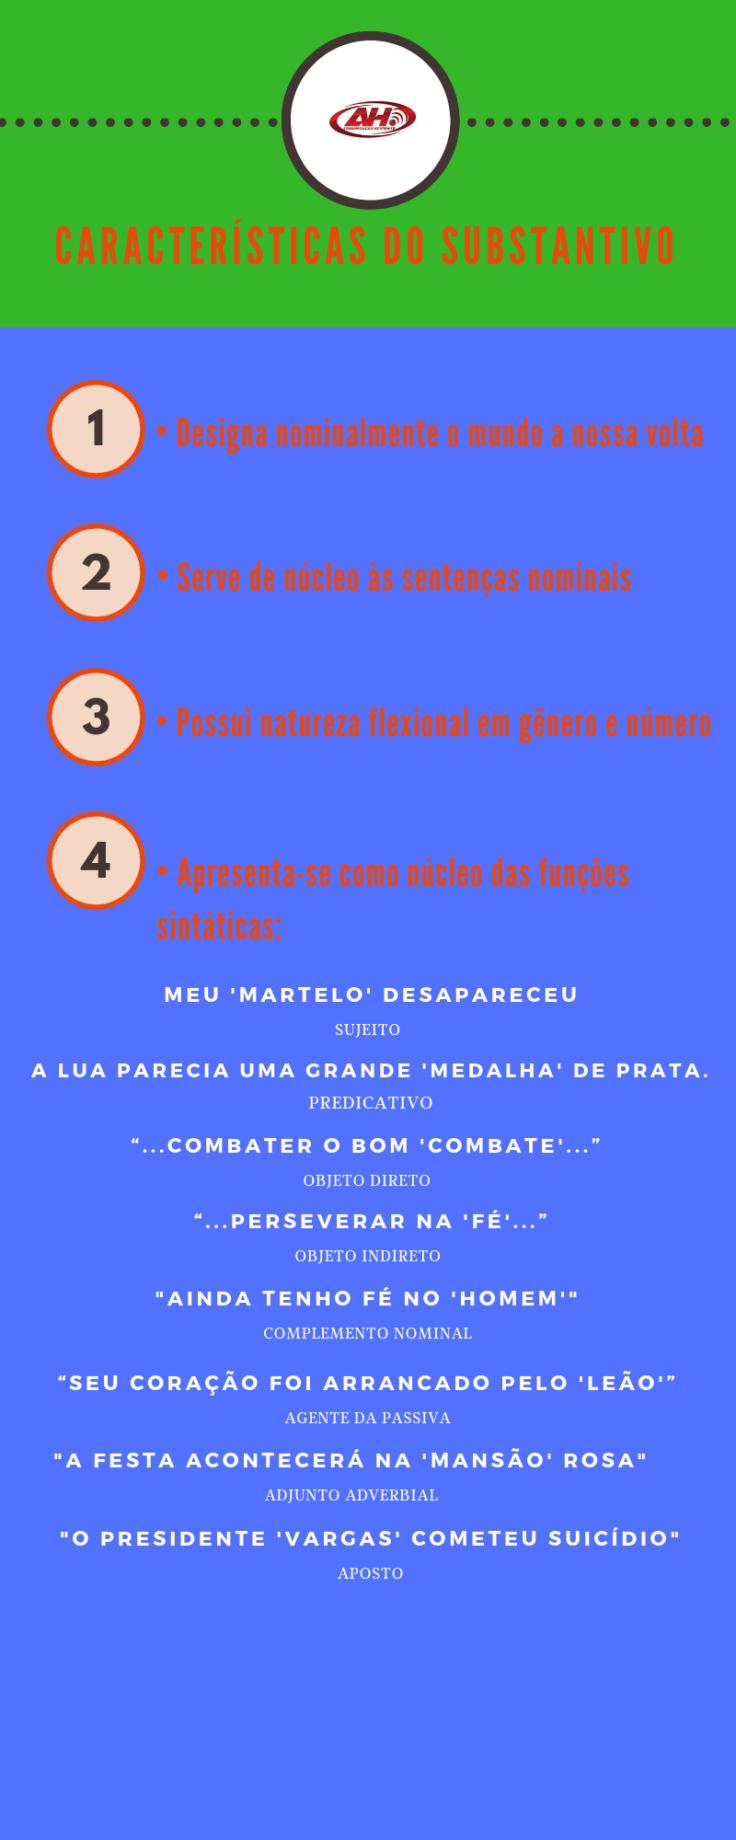 CARACTERÍSTICAS DO SUBSTANTIVO